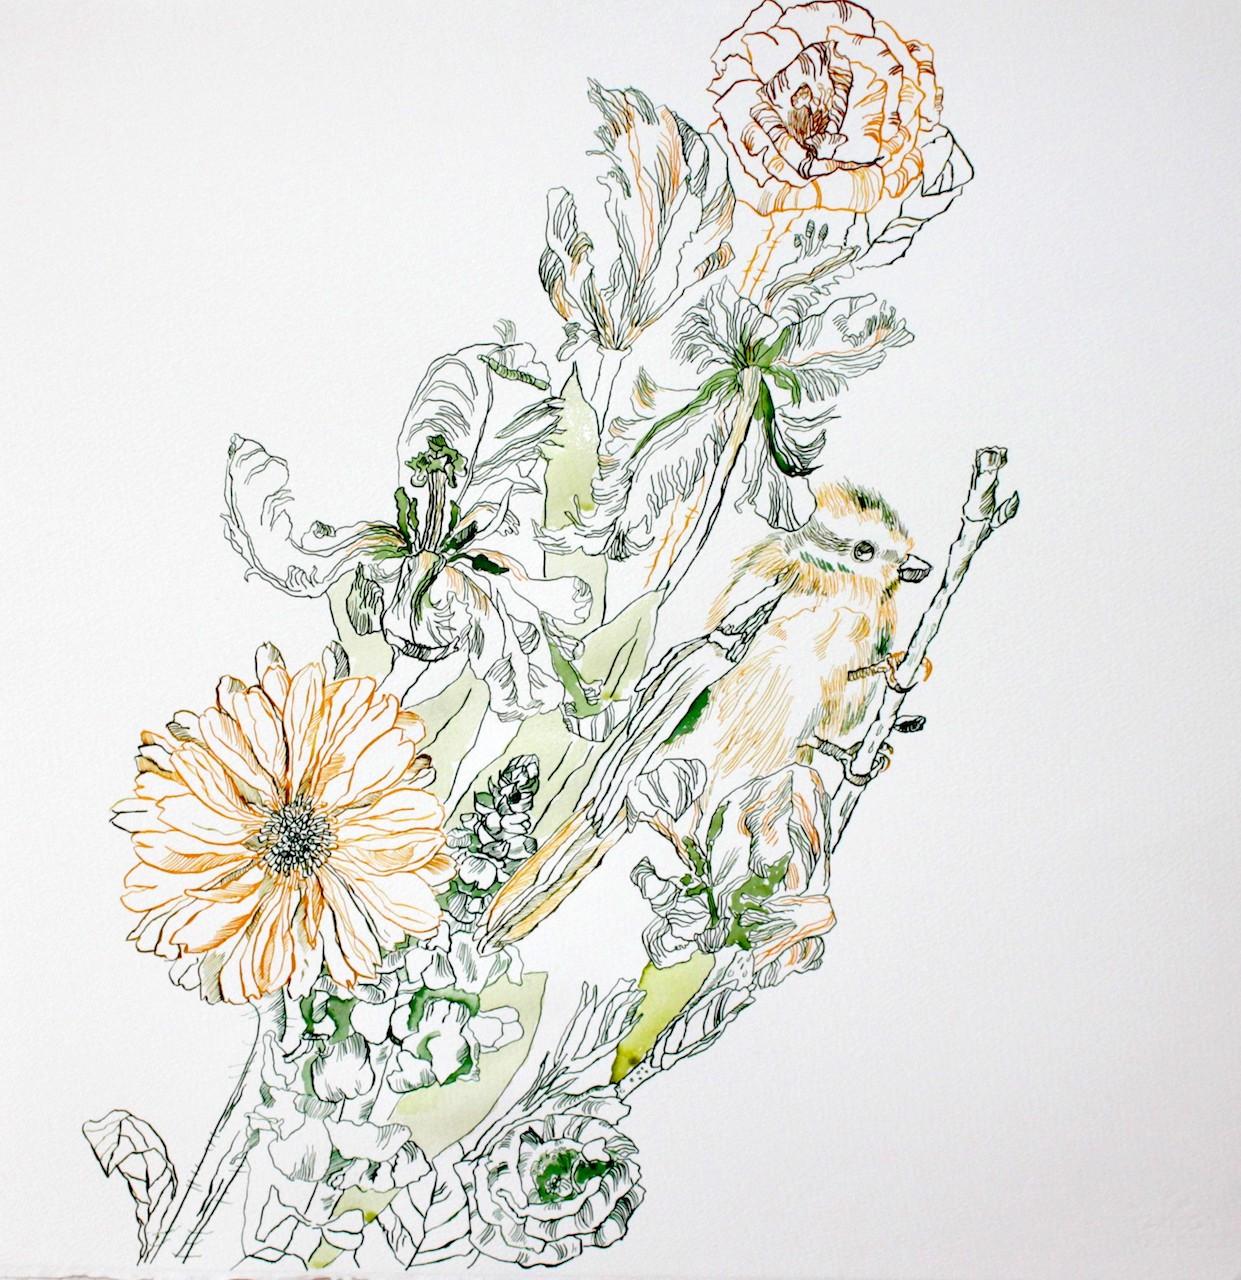 Paradiesvogel für Itha, 50 x 50 cm, Zeichnung von Susanne Haun (c) VG Bild-Kunst, Bonn 2019